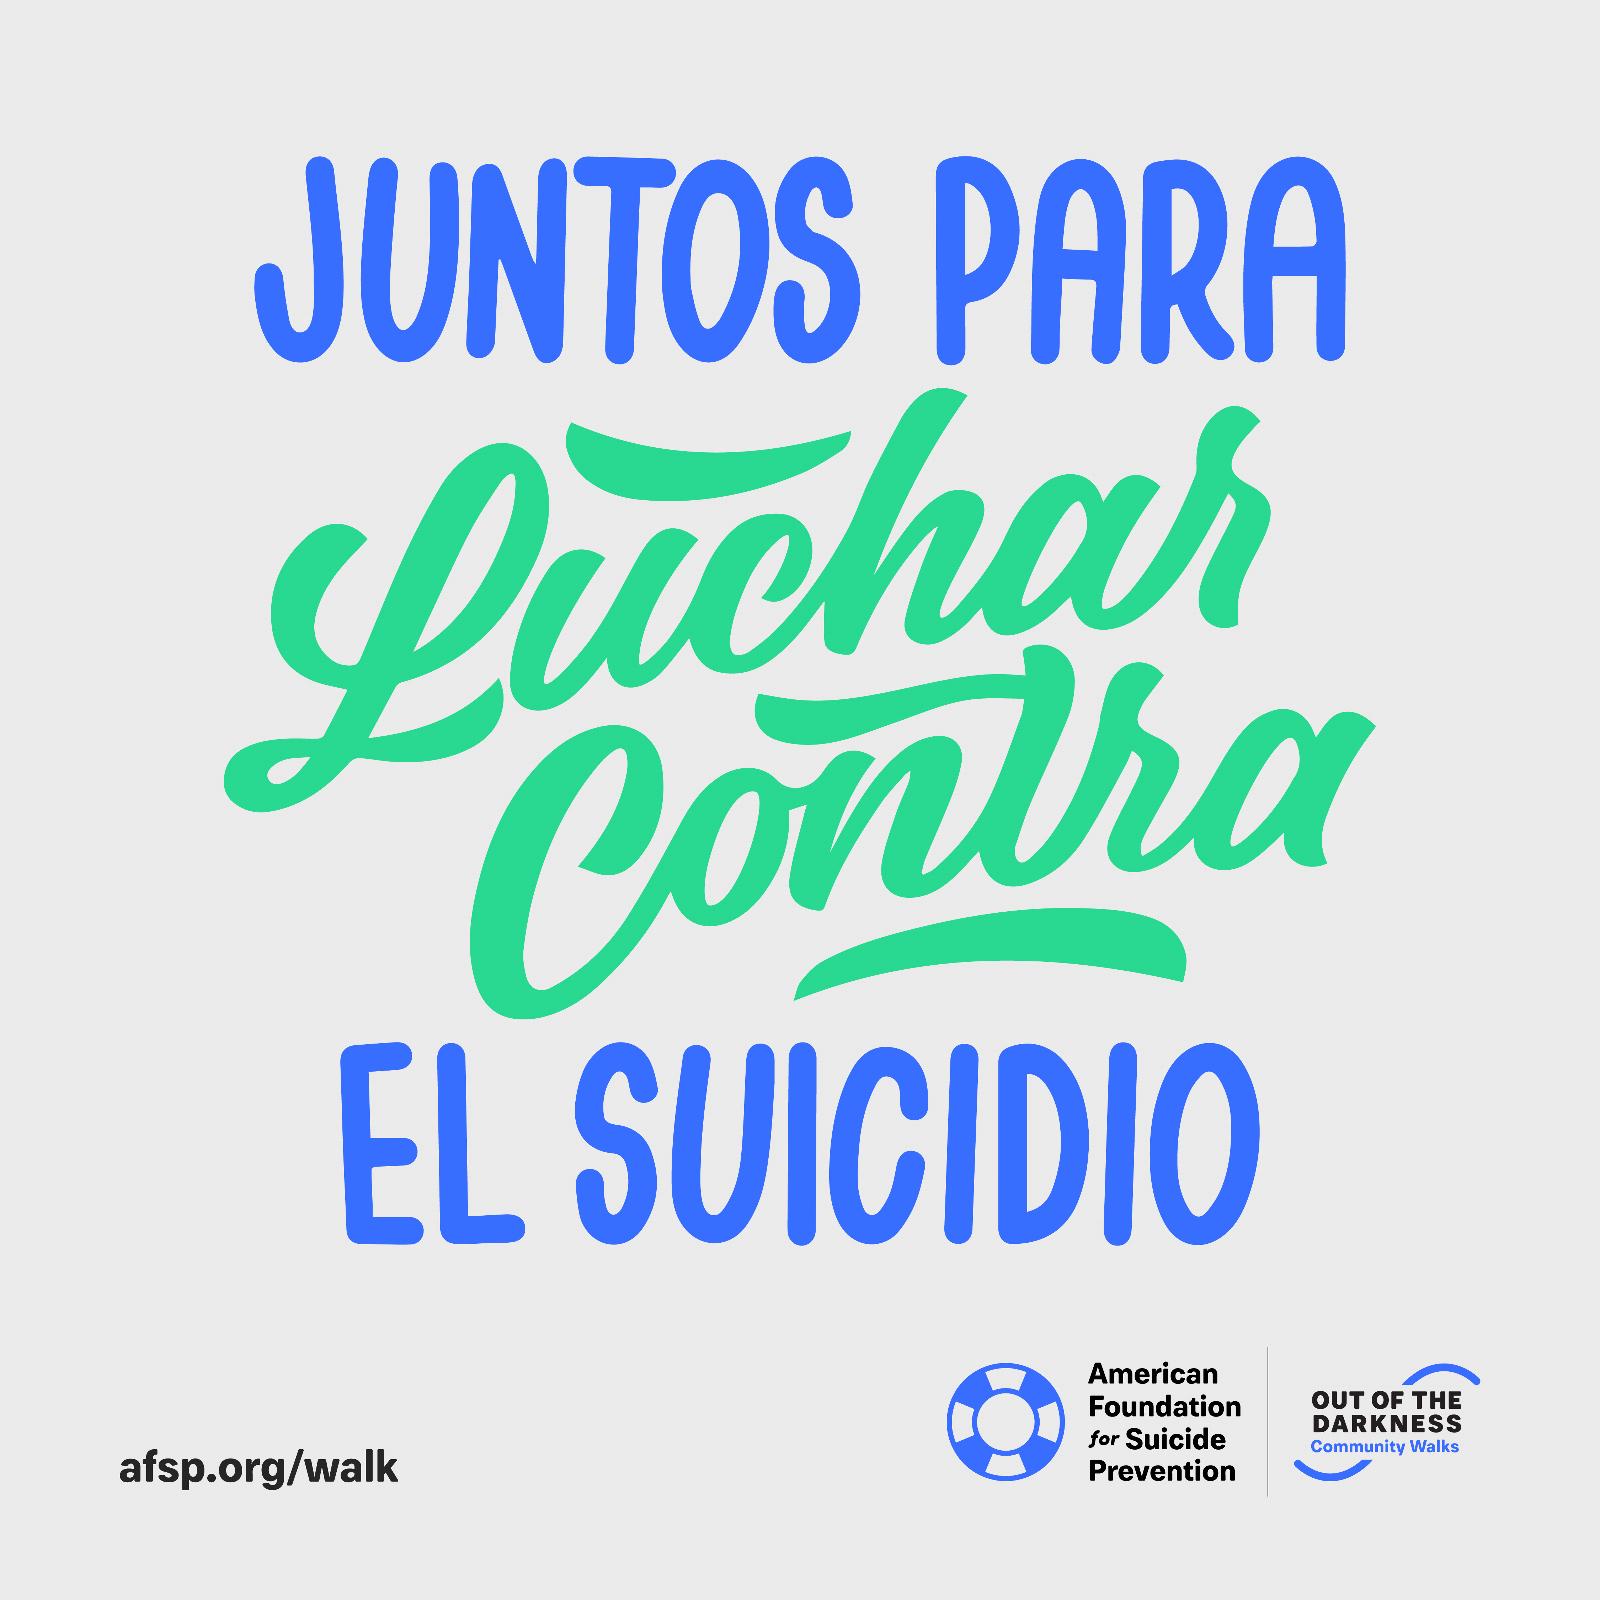 Juntos Para Luchar Contra El Suicidio